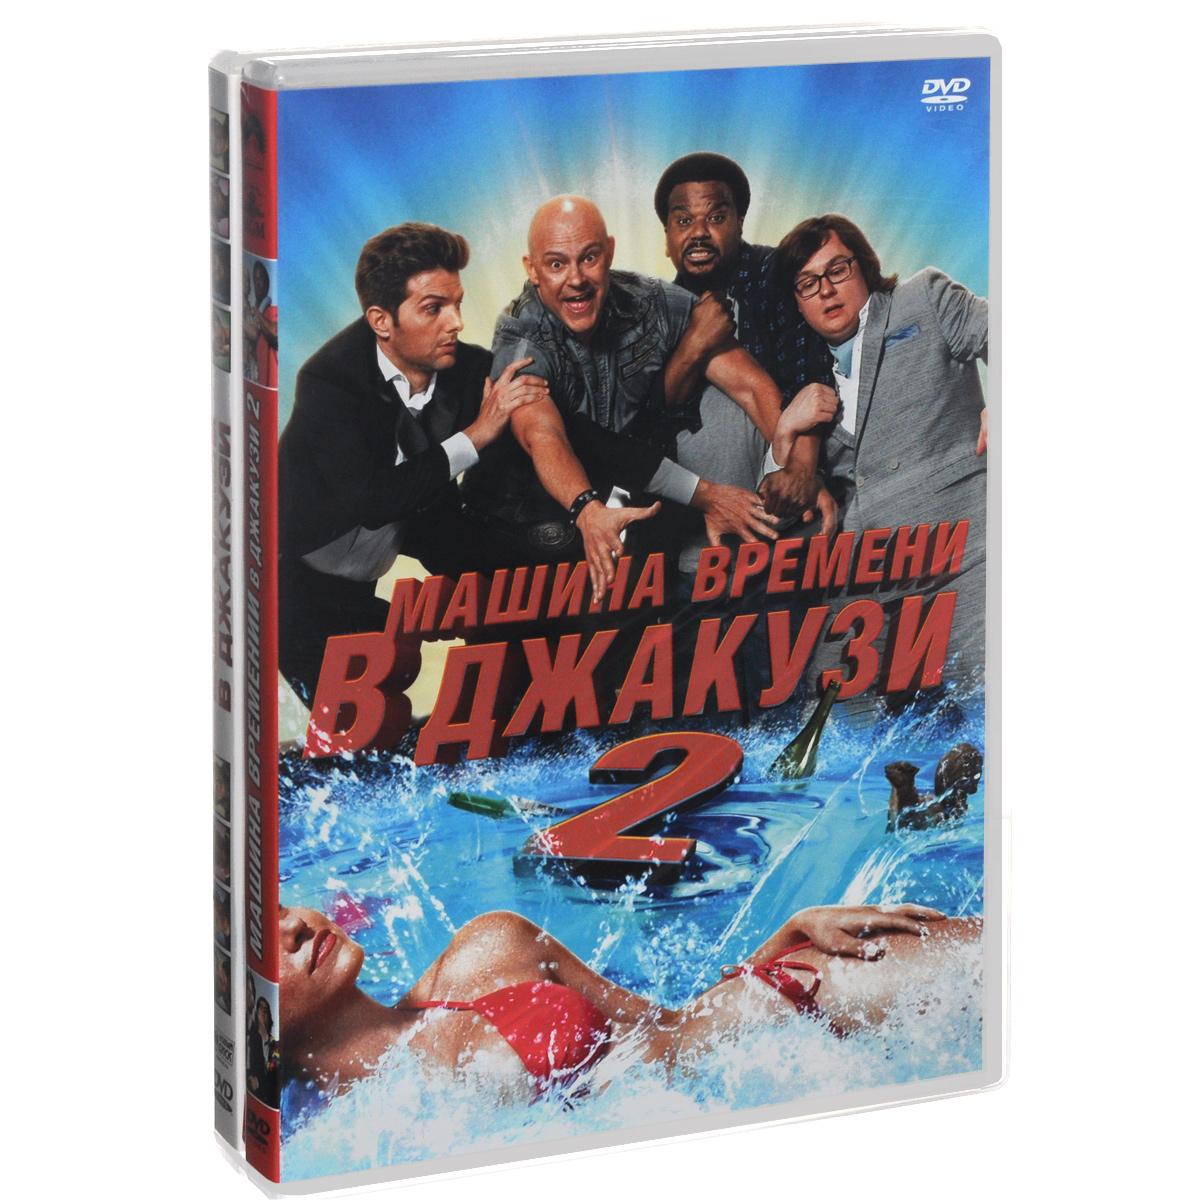 Машина времени в джакузи / Машина времени в джакузи 2 (2 DVD)